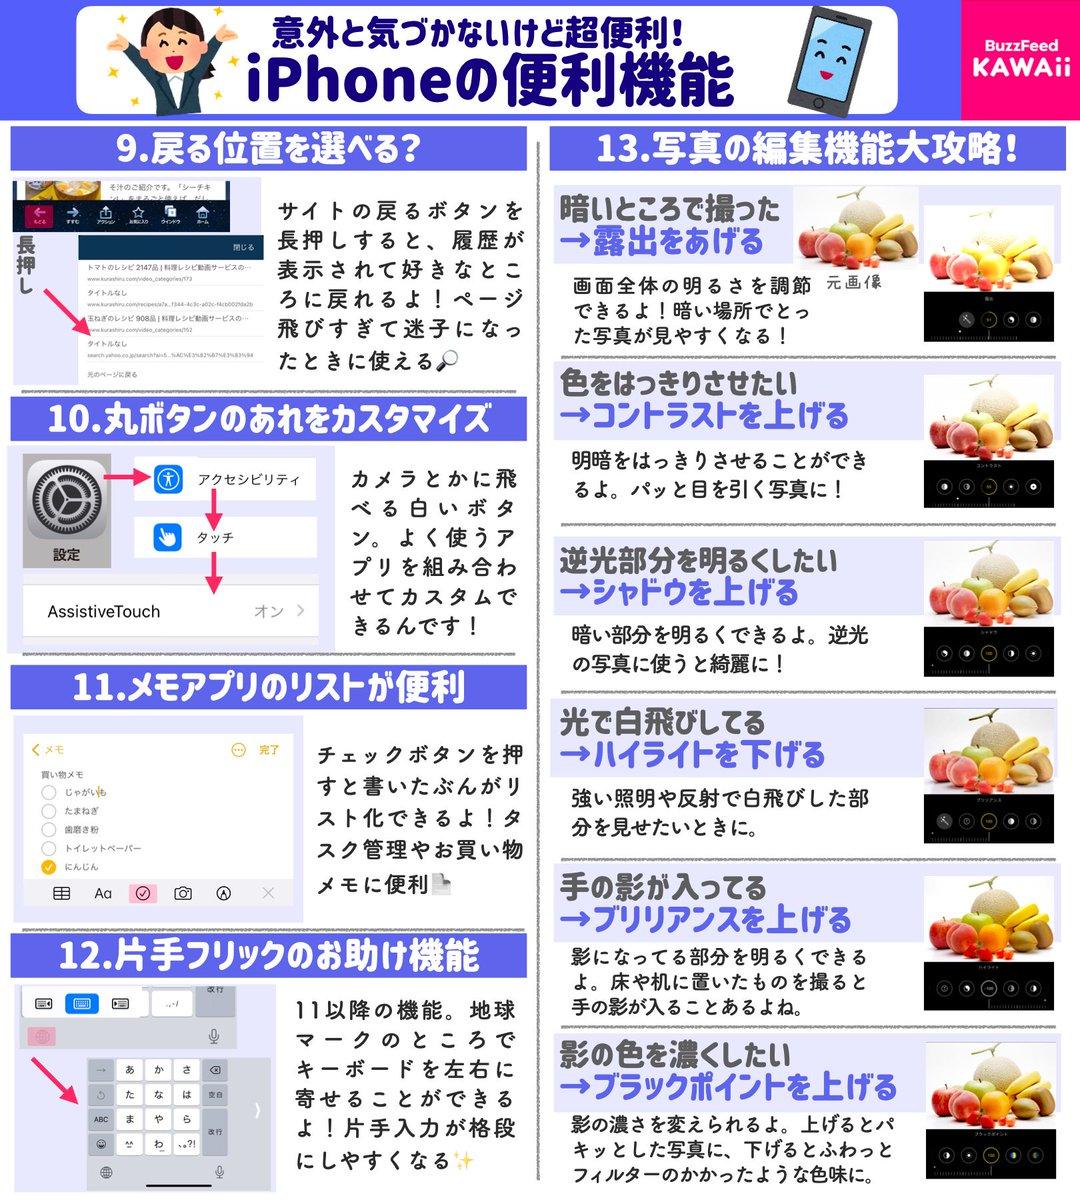 意外と知らない iPhone の便利機能をまとめました📱